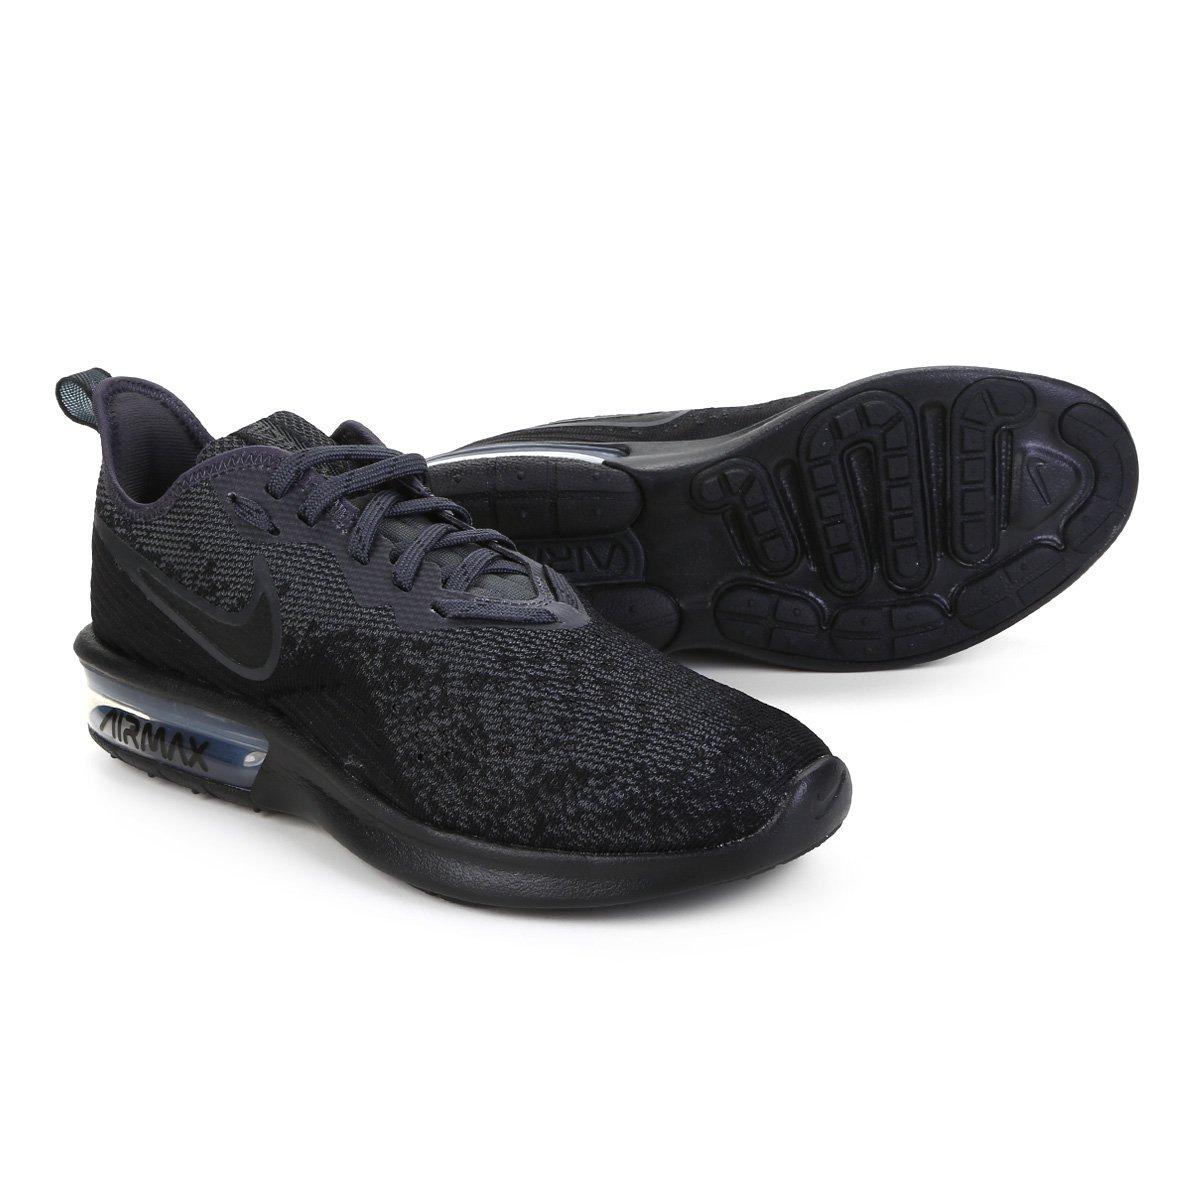 f2ed00cefa9 Tênis Nike Air Max Sequent 4 Feminino - Preto - Compre Agora